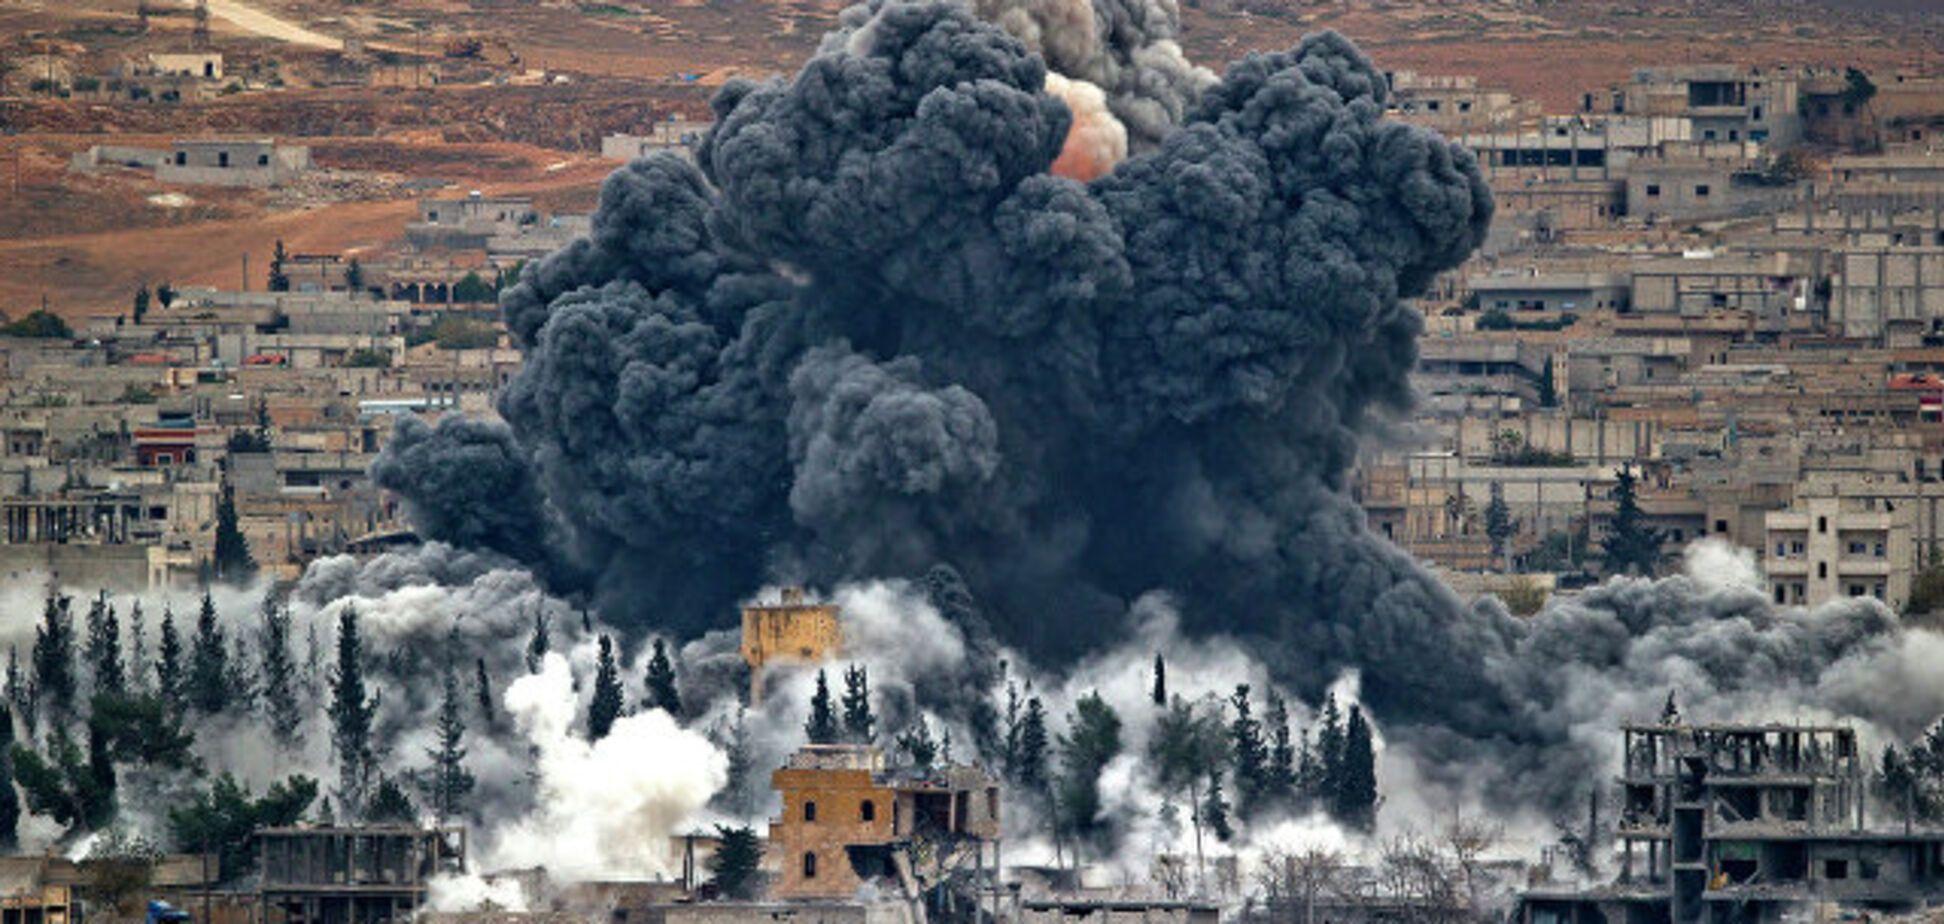 США нанесли авиаудар по российским наемникам в Сирии - СМИ